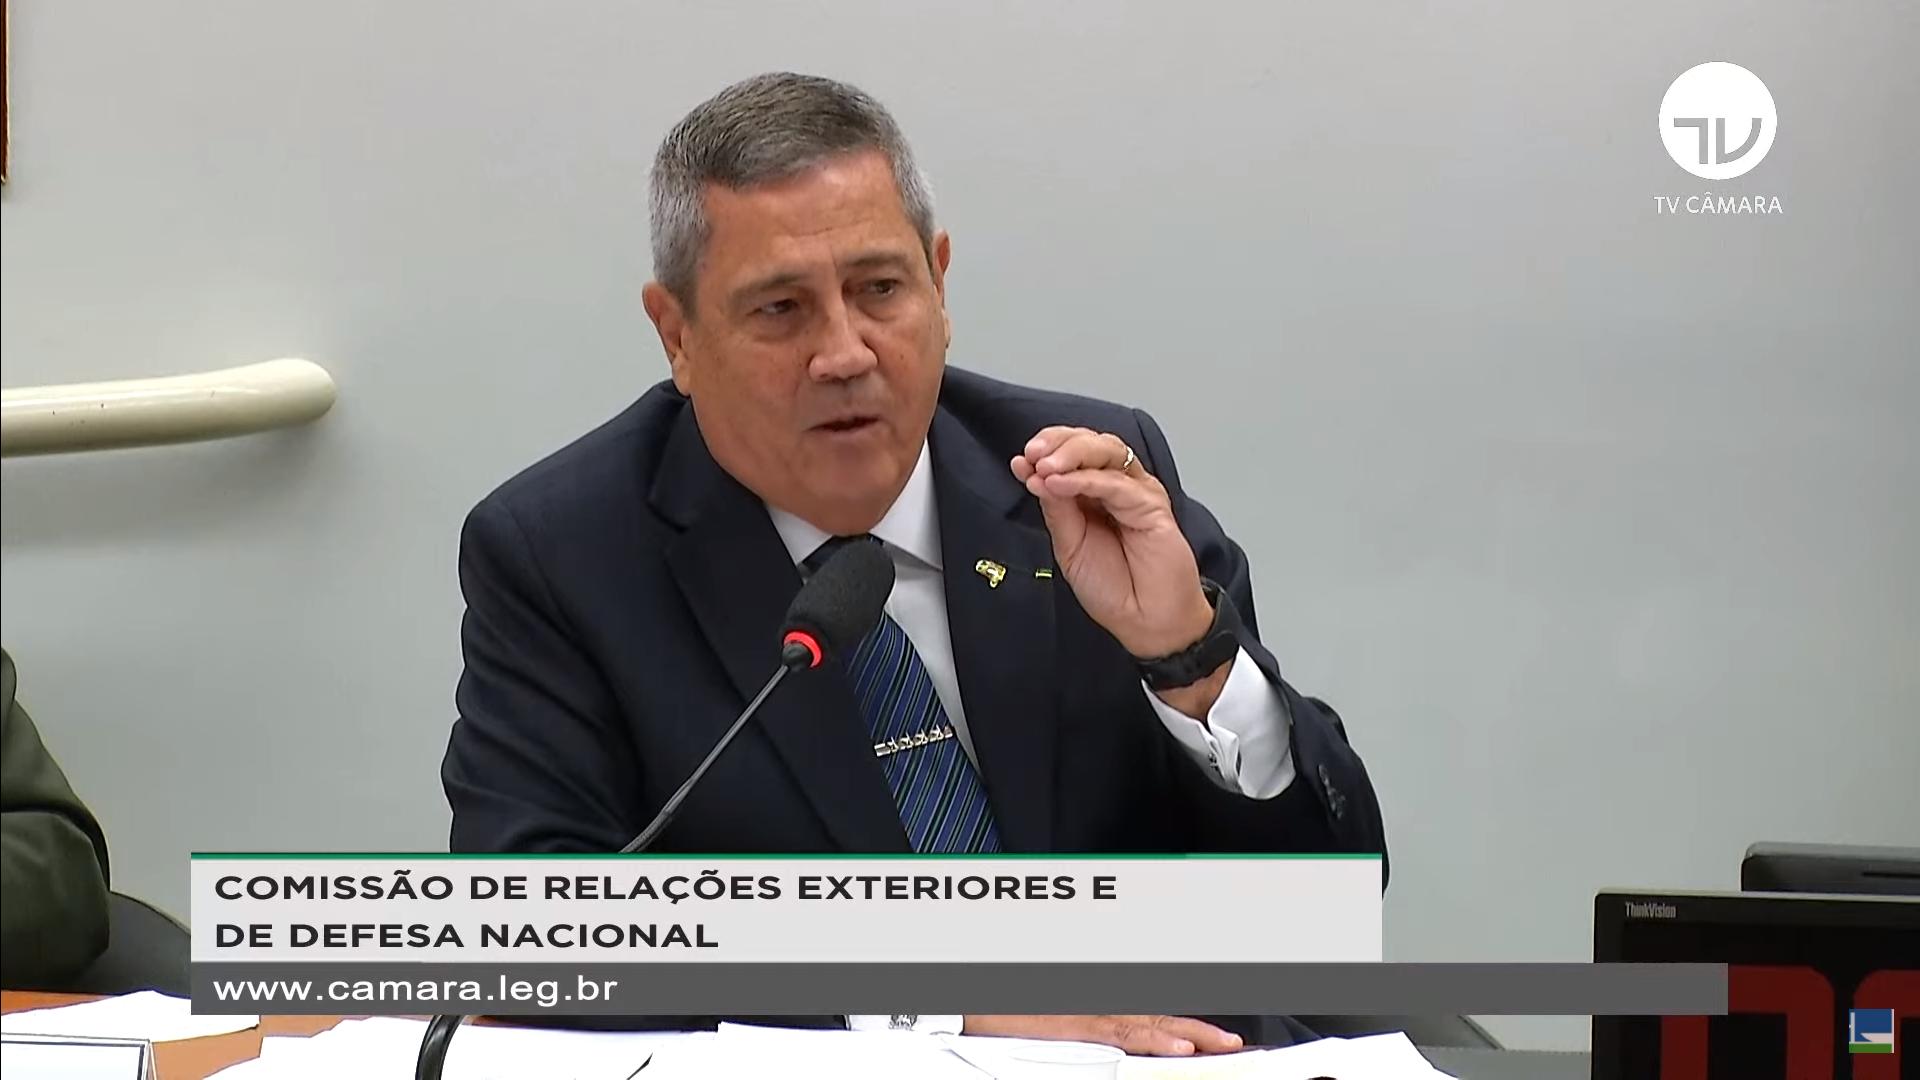 IMAGEM: Braga Netto diz que hospitais militares não são públicos, só recebem 'complemento' do governo